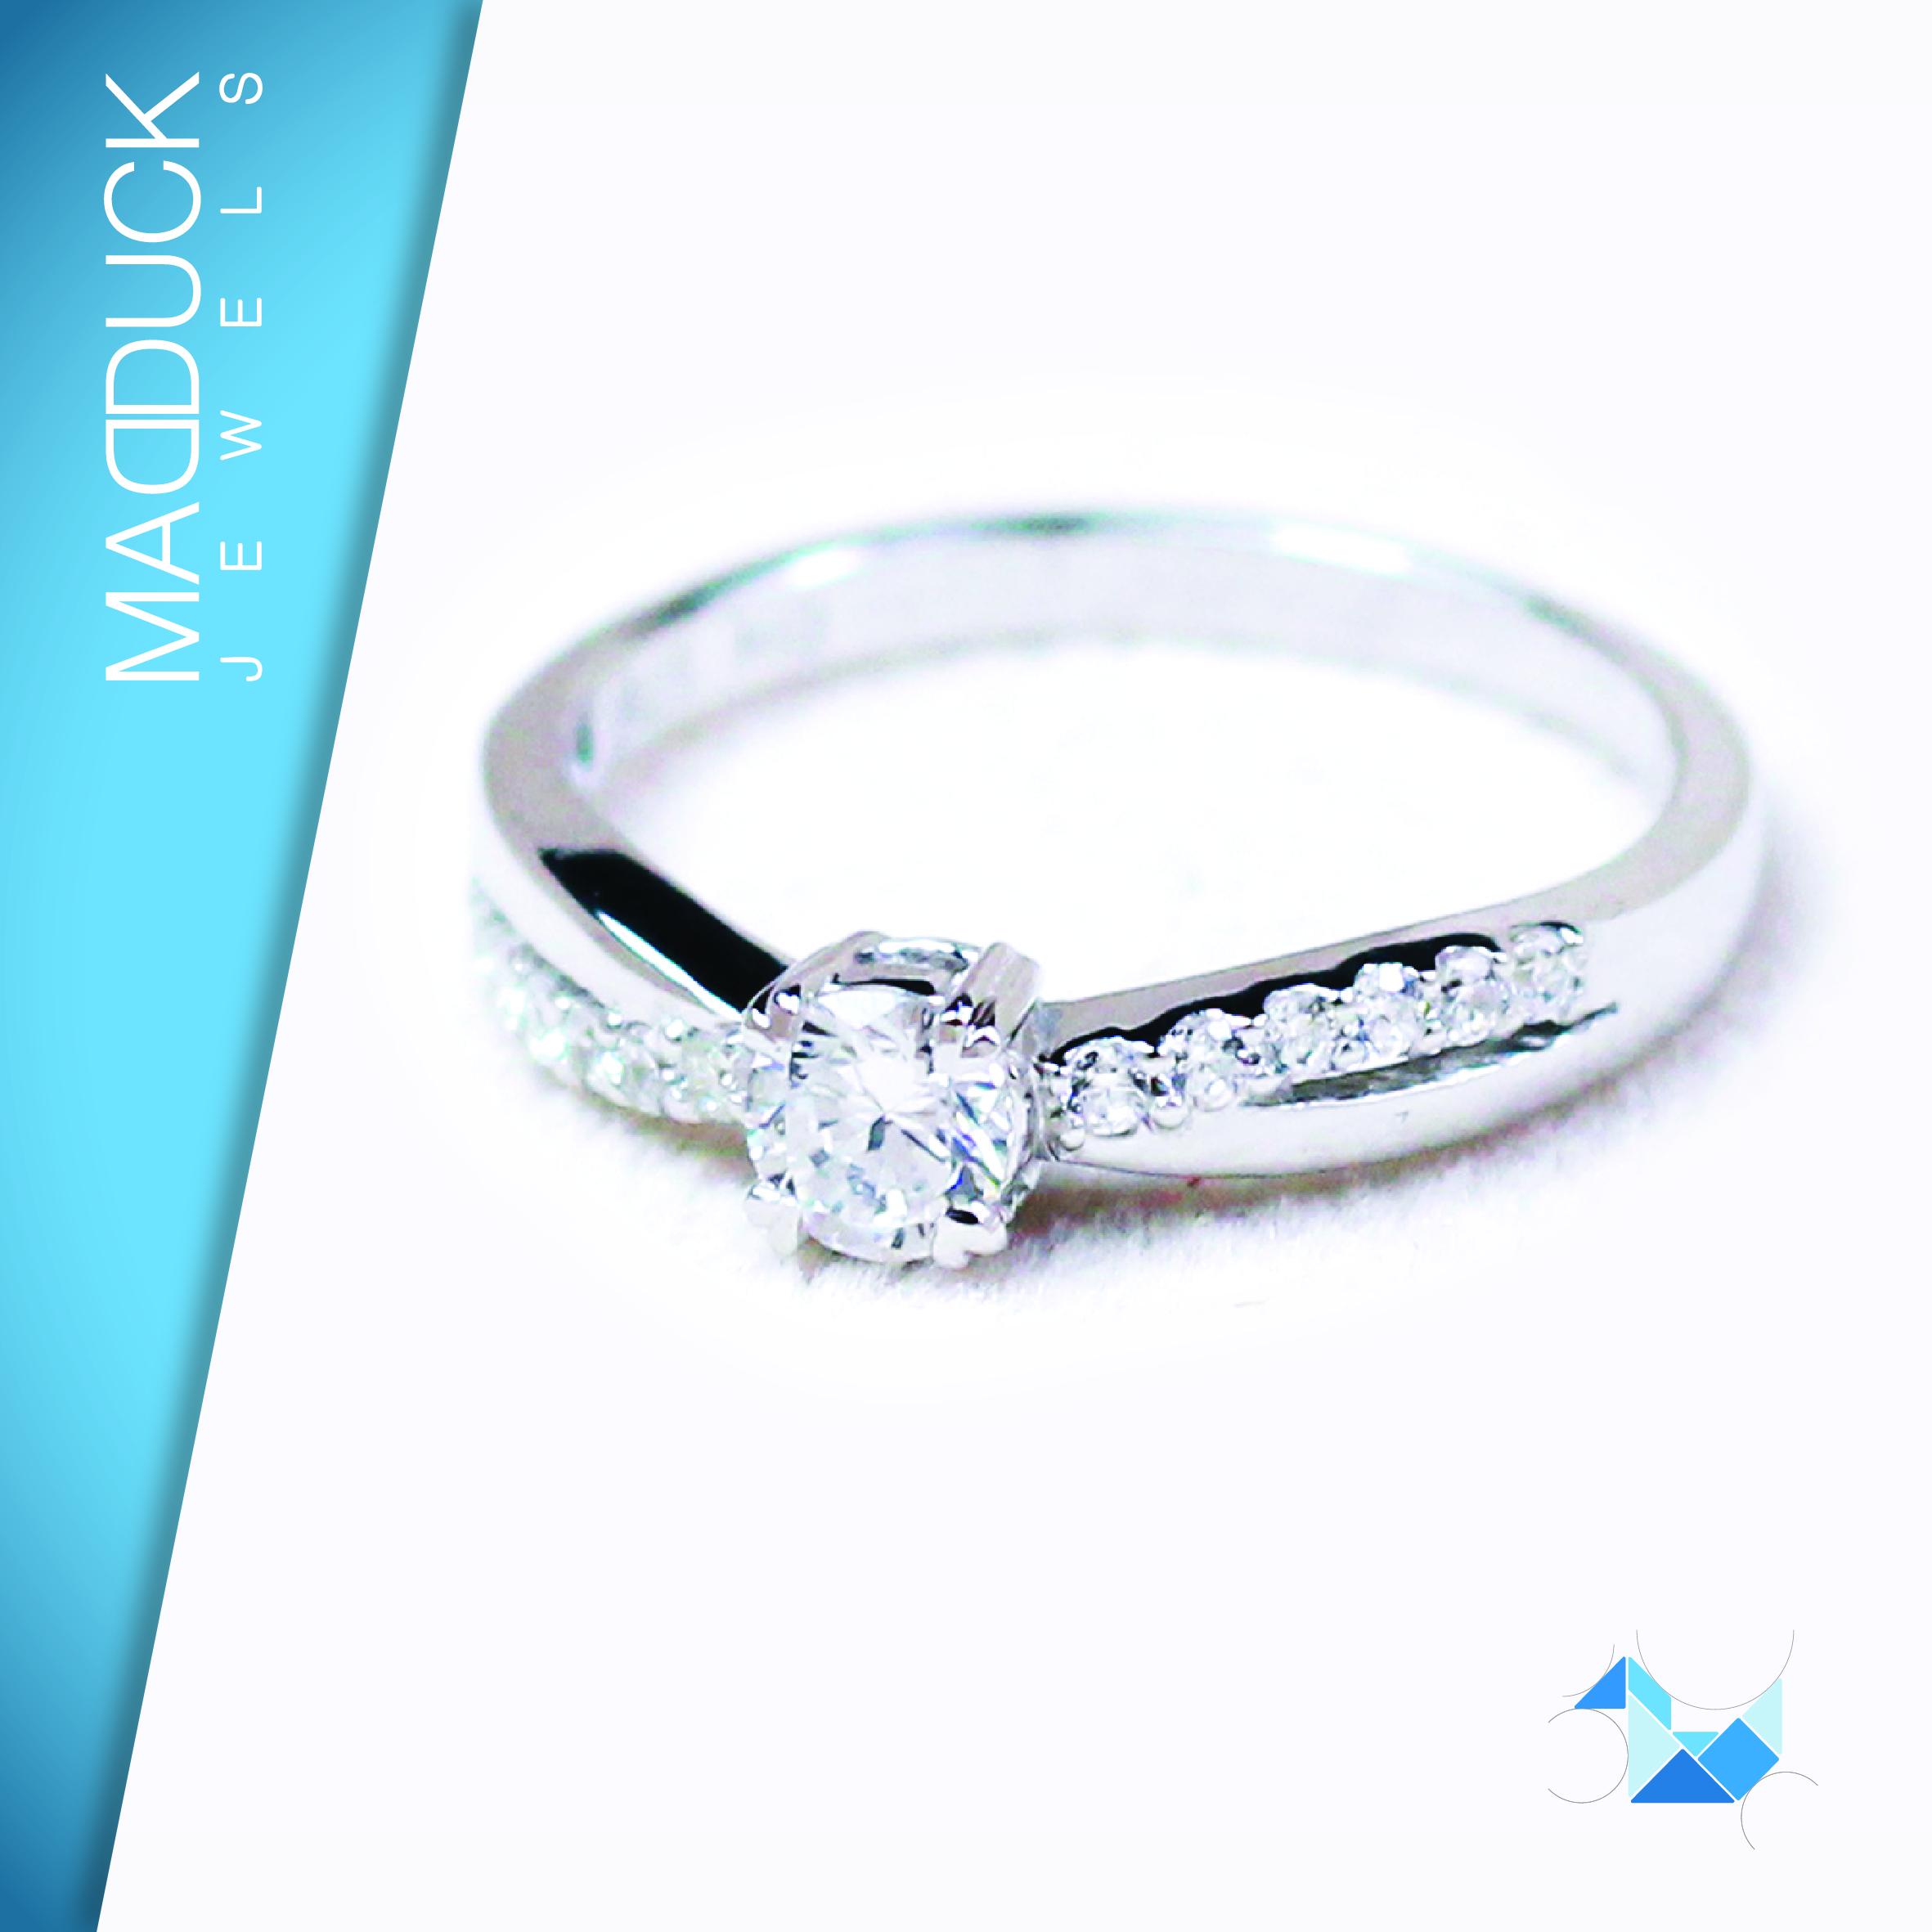 แหวนเงินแท้ เพชรสังเคราะห์ ชุบทองคำขาว รุ่น RG1449 Shine Bride